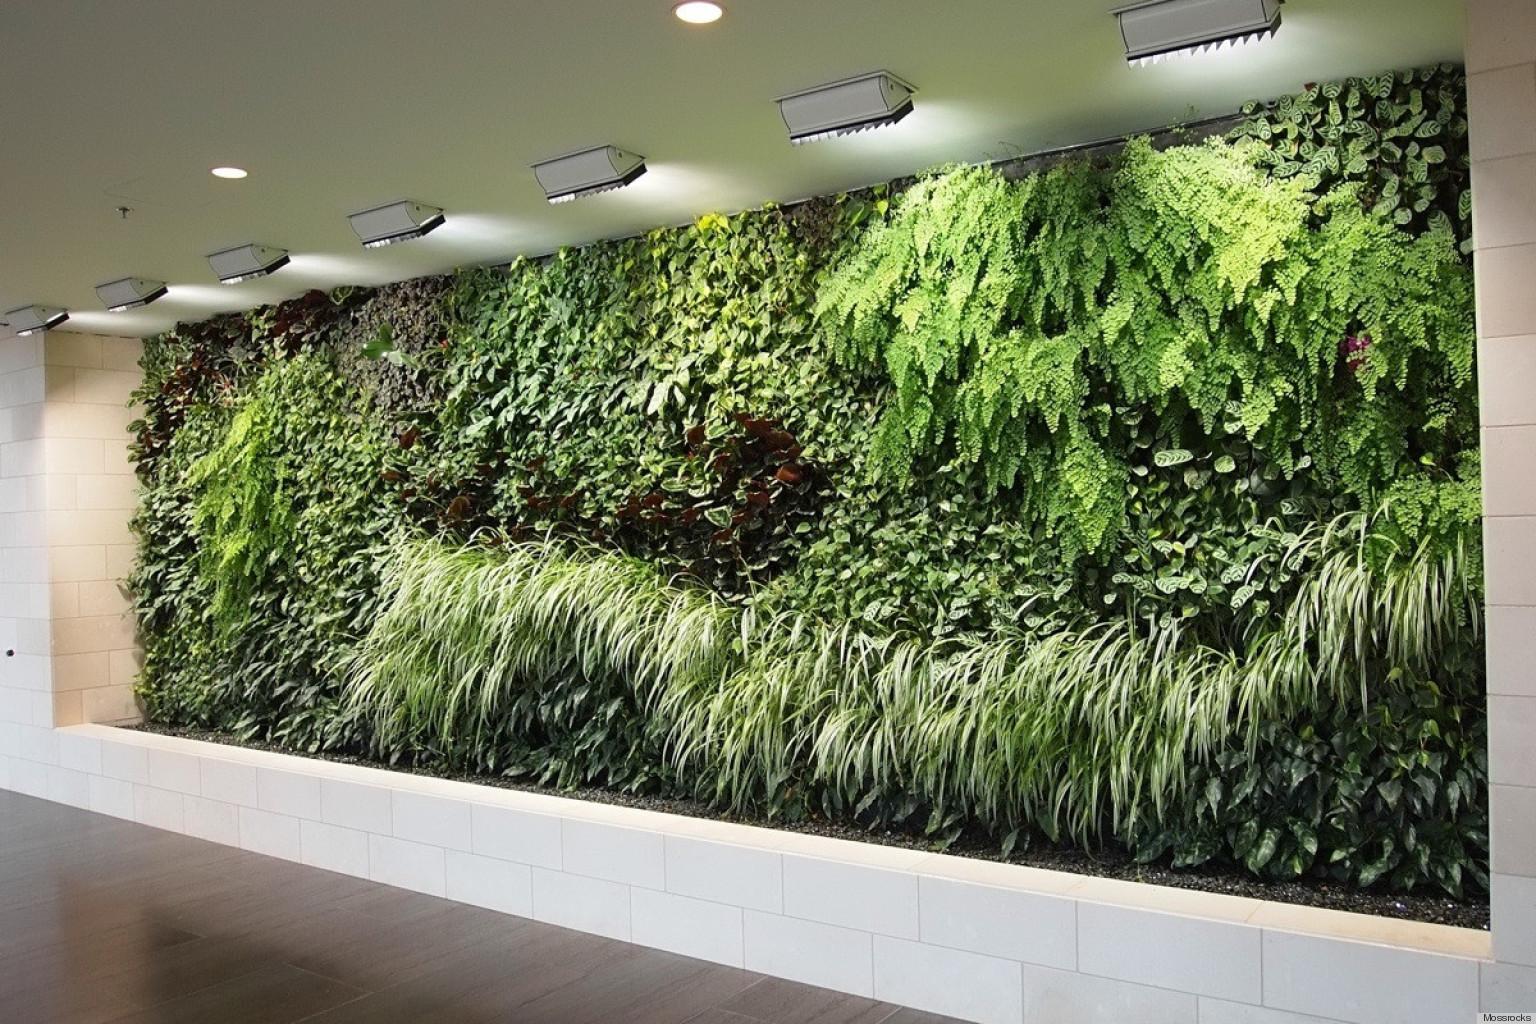 Fullsize Of Diy Indoor Vertical Garden